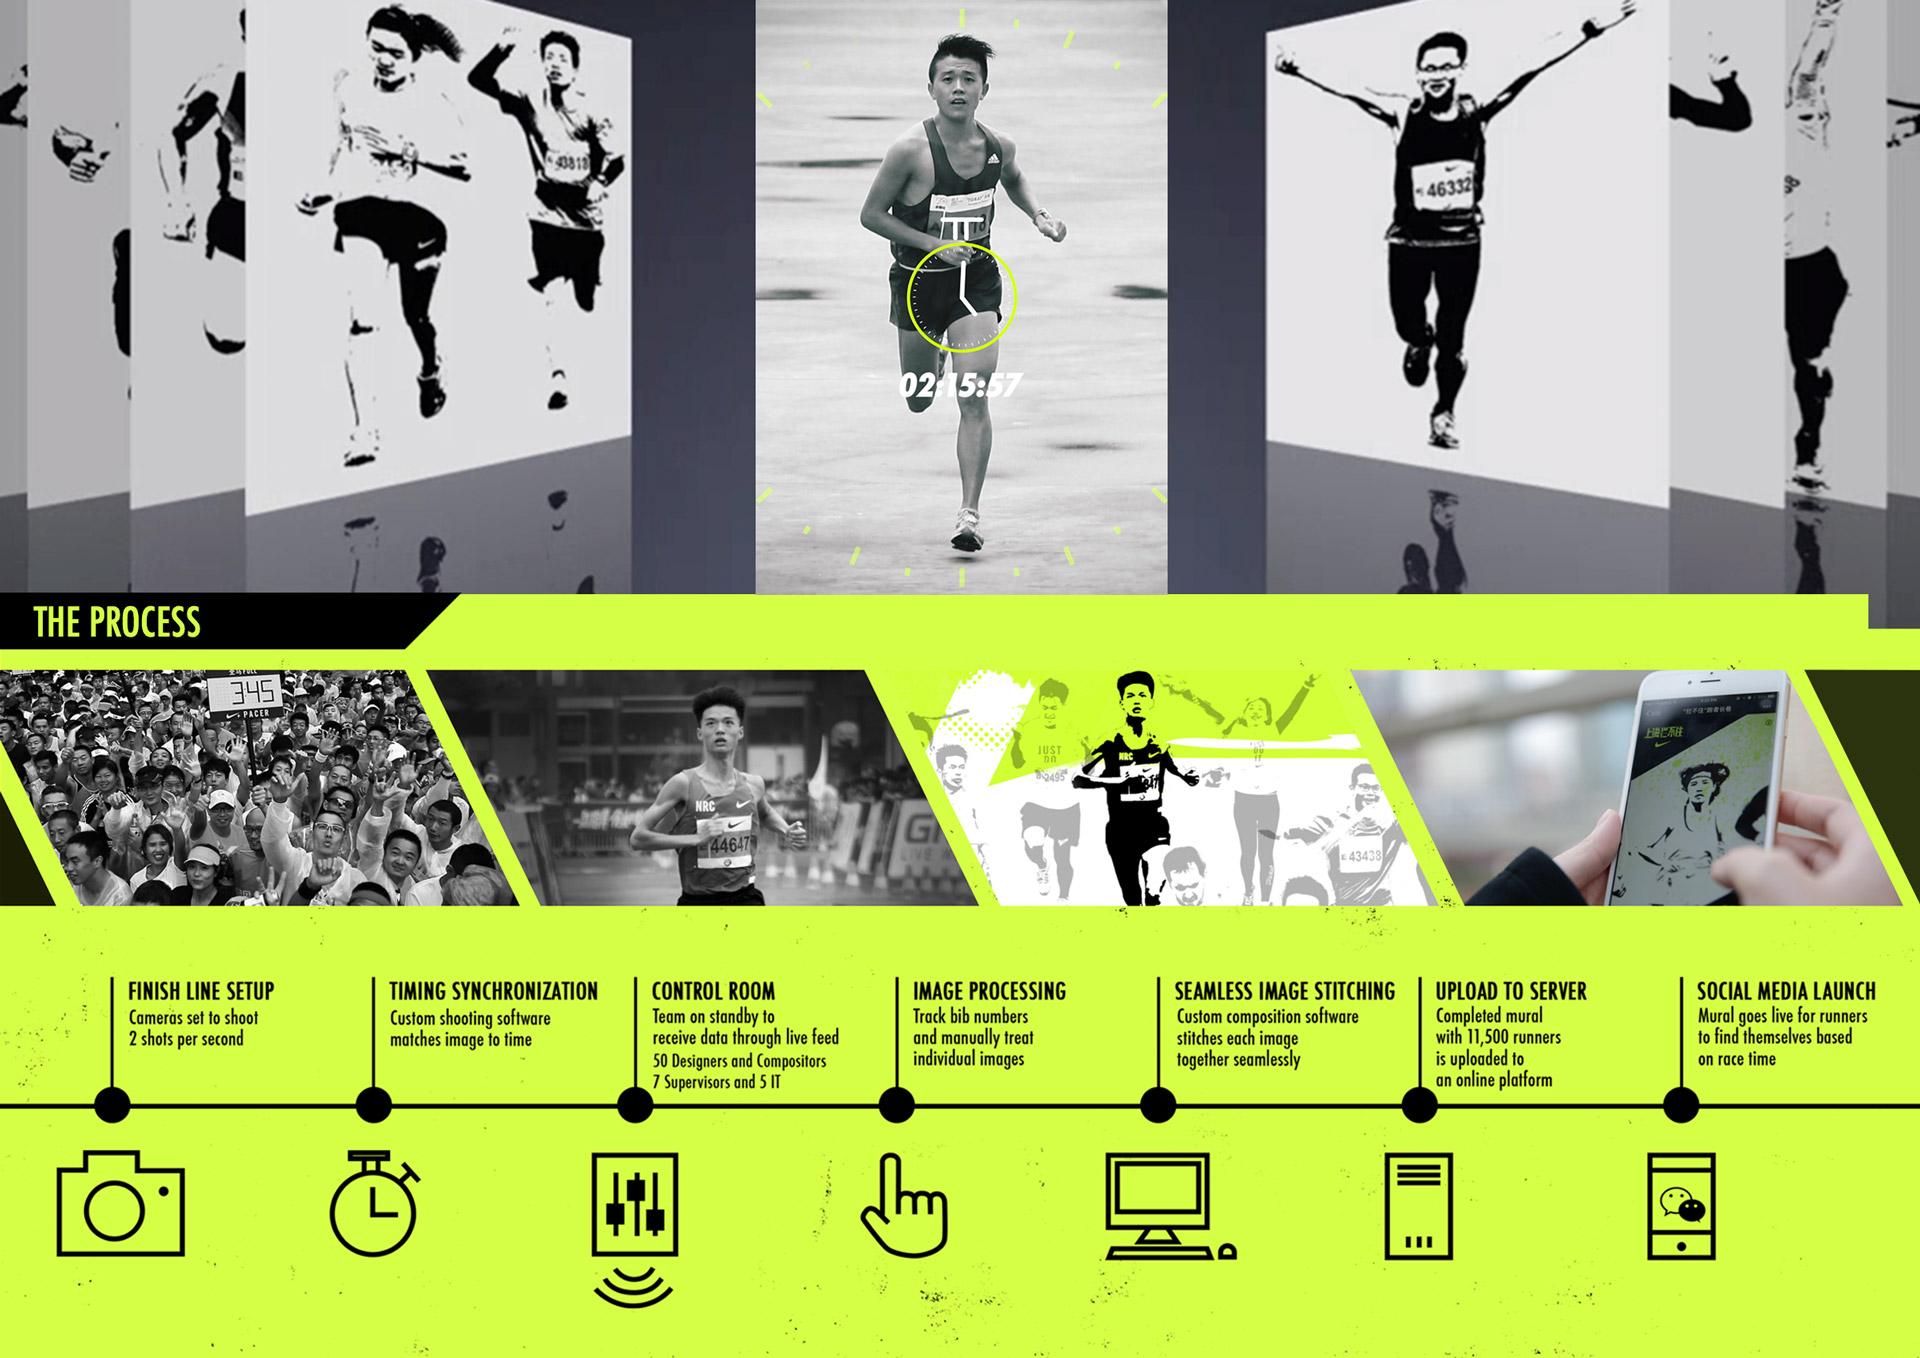 Marula_Nike_UnstoppableTribute_Process_01